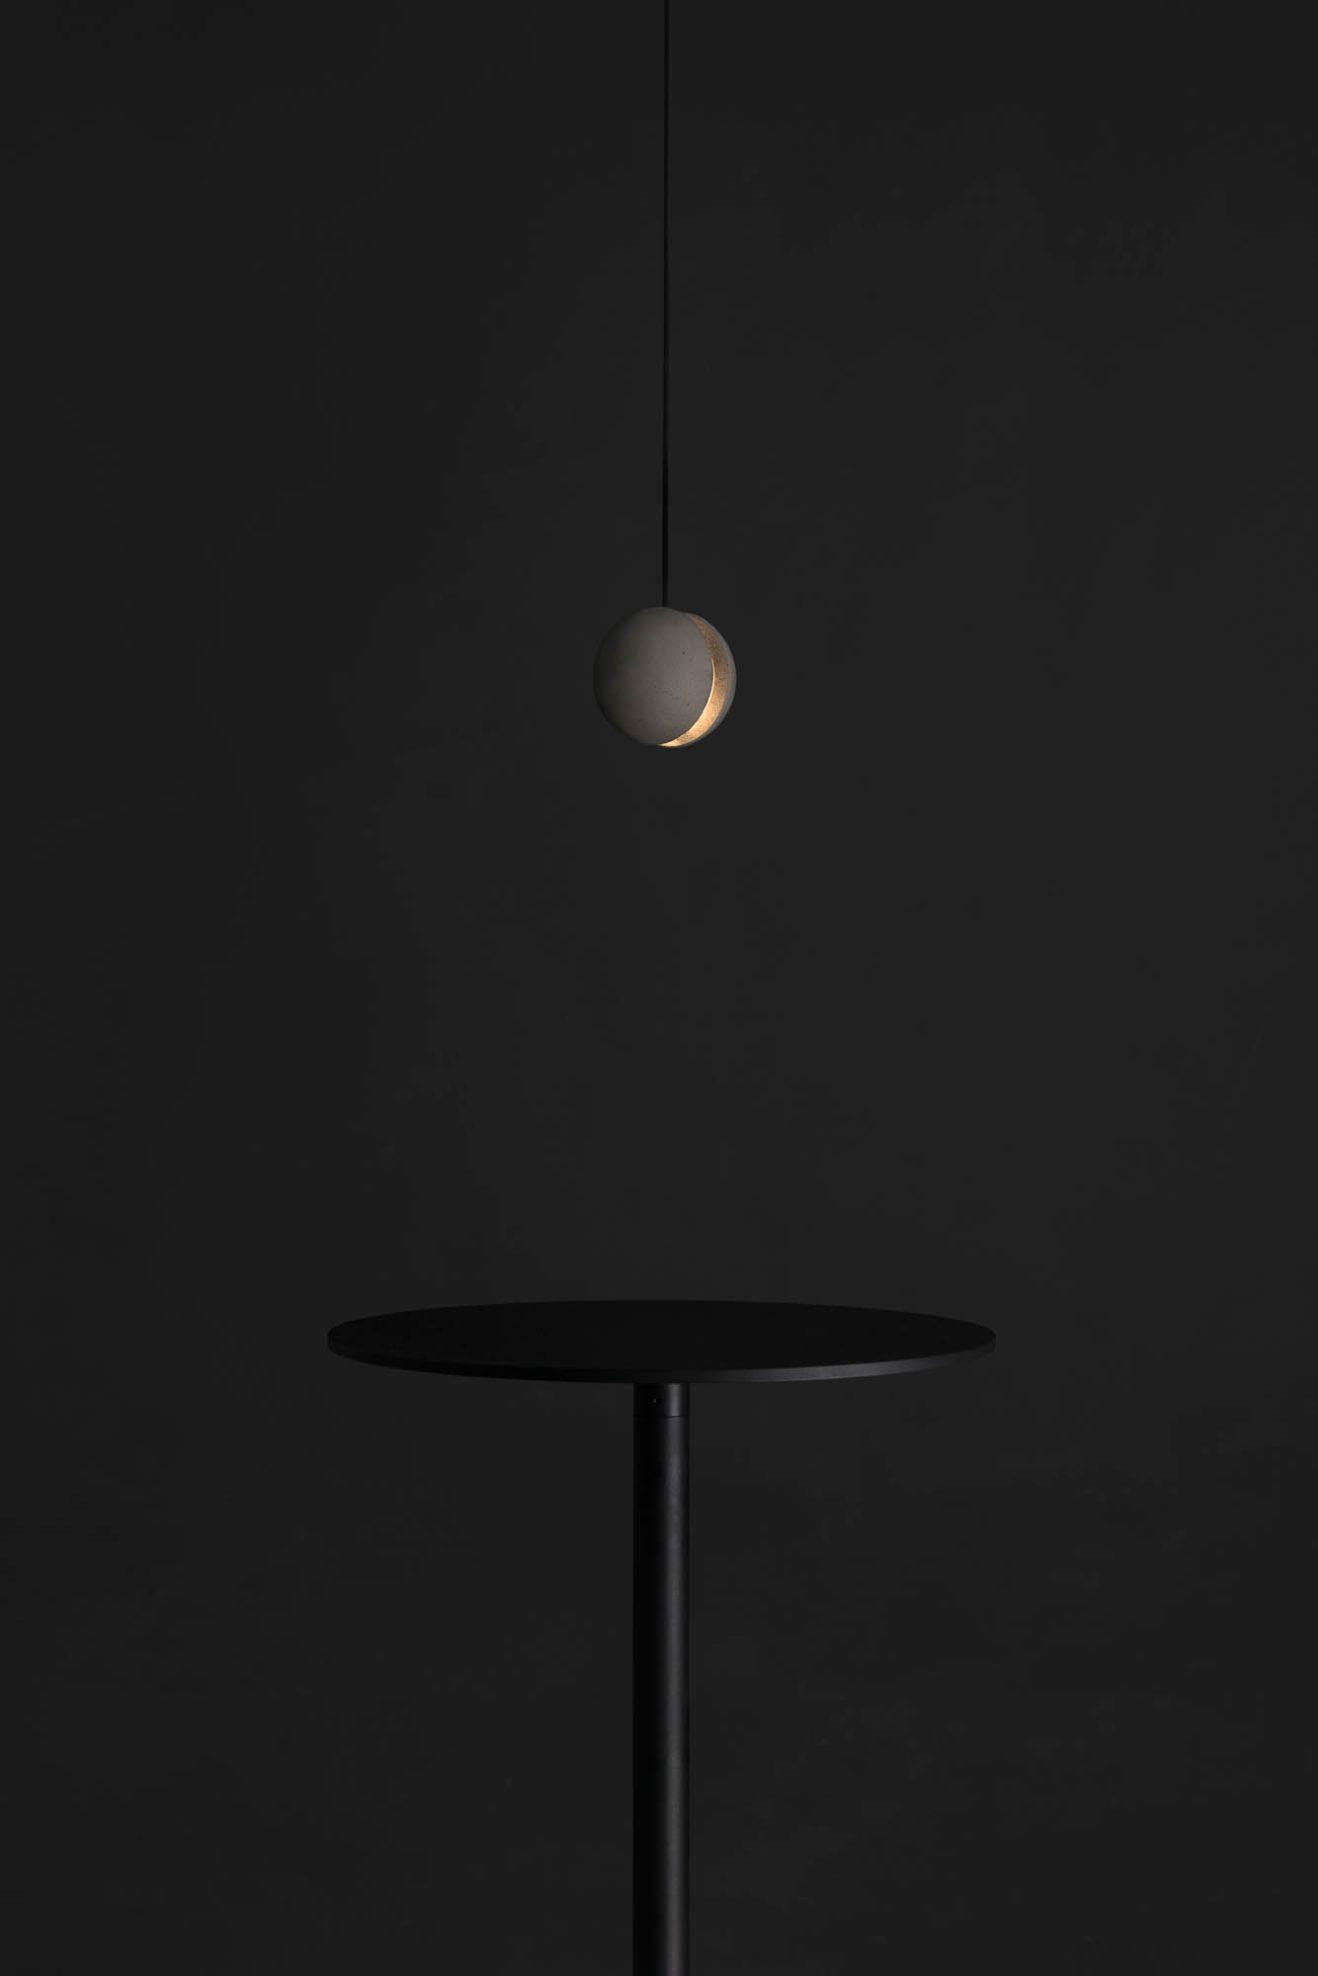 Moon-BentuDesign-4